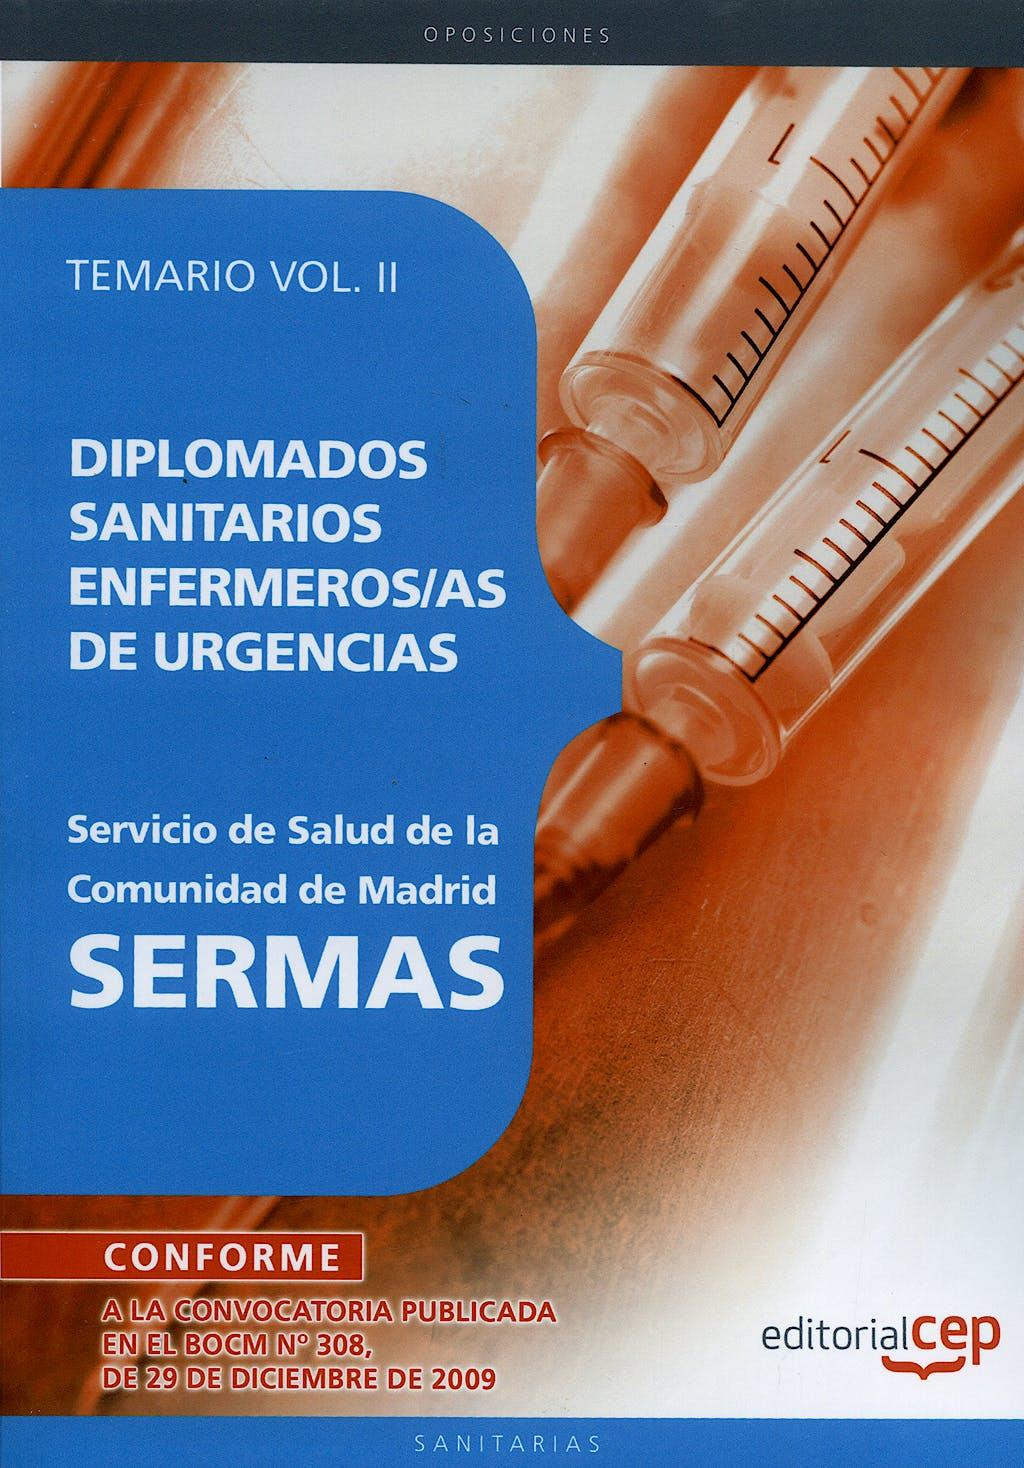 Portada del libro 9788499374680 Diplomados Sanitarios Enfermeras/os de Urgencias, Sermas. Temario, Vol. II